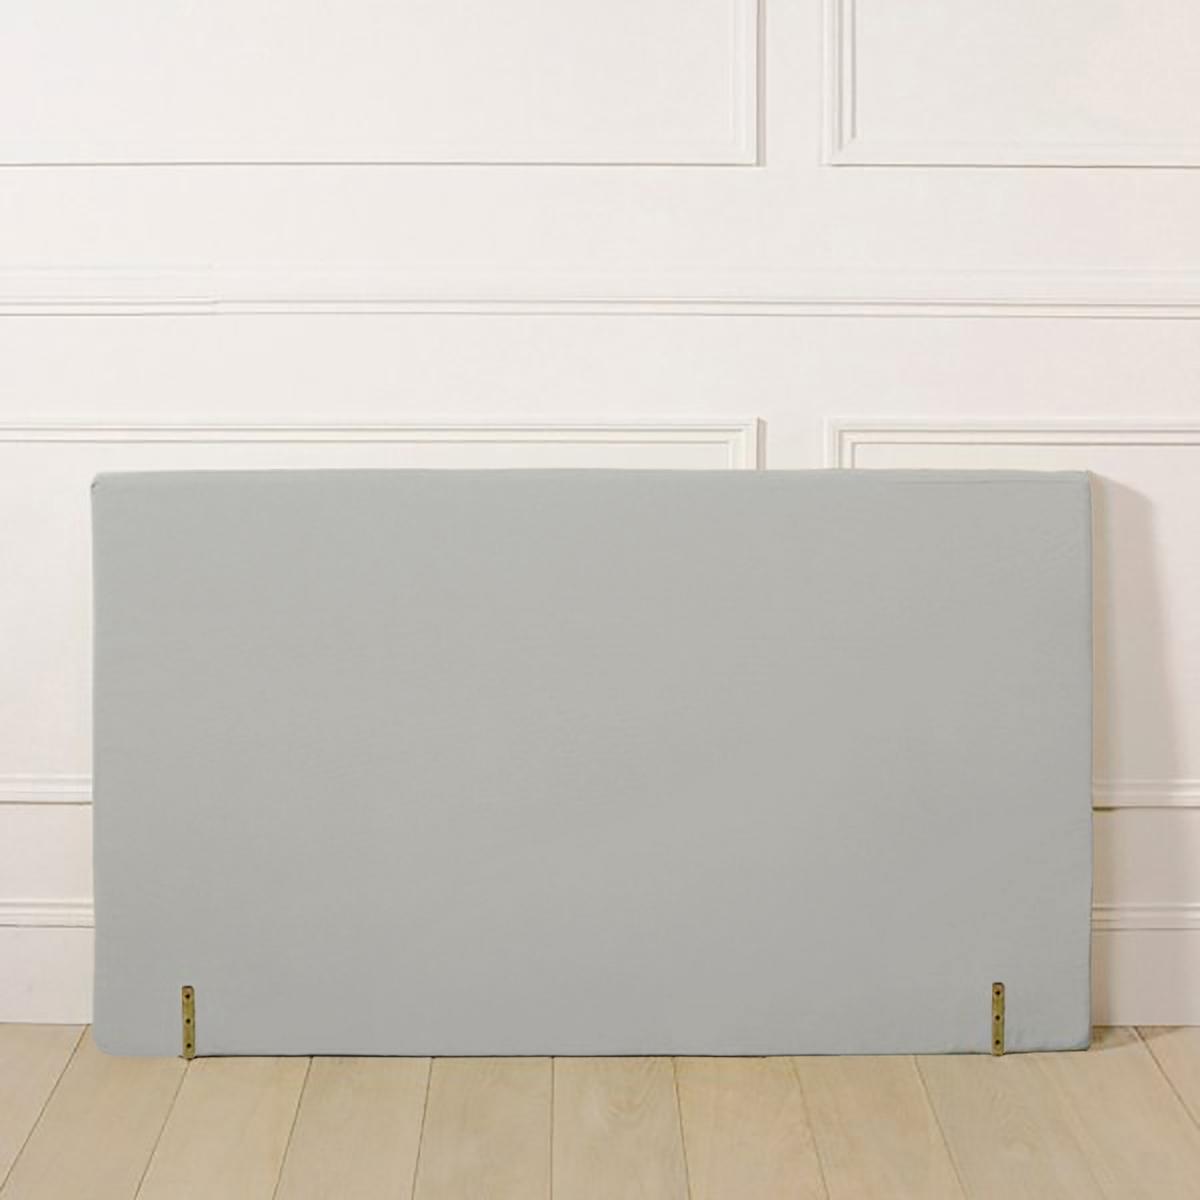 Чехол LaRedoute Для изголовья кровати прямой формы из поликоттона 160 x 85 см серый